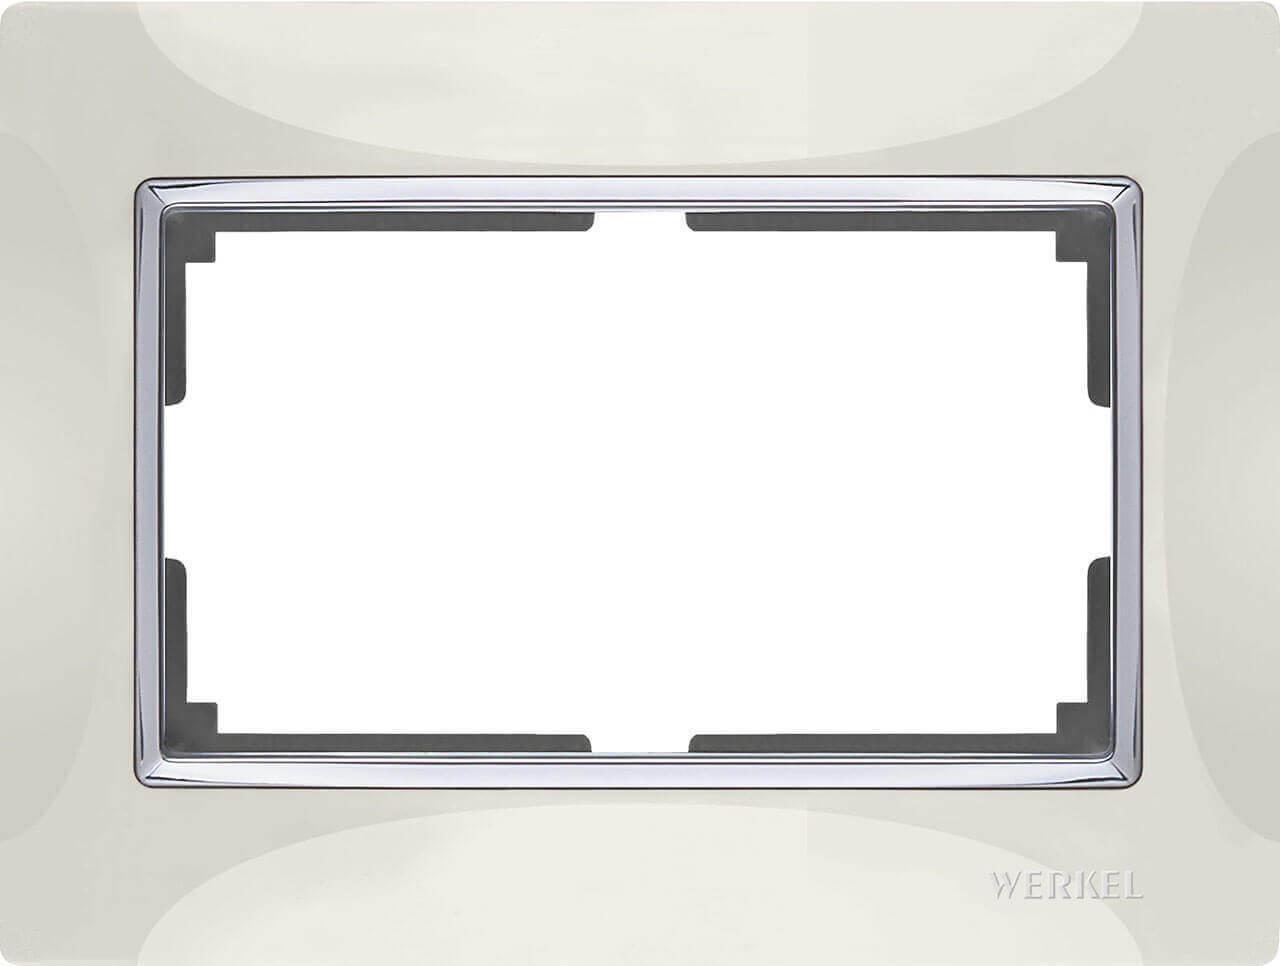 Рамка Werkel Snabb для двойной розетки слоновая кость WL03-Frame-01-DBL-ivory 4690389073144